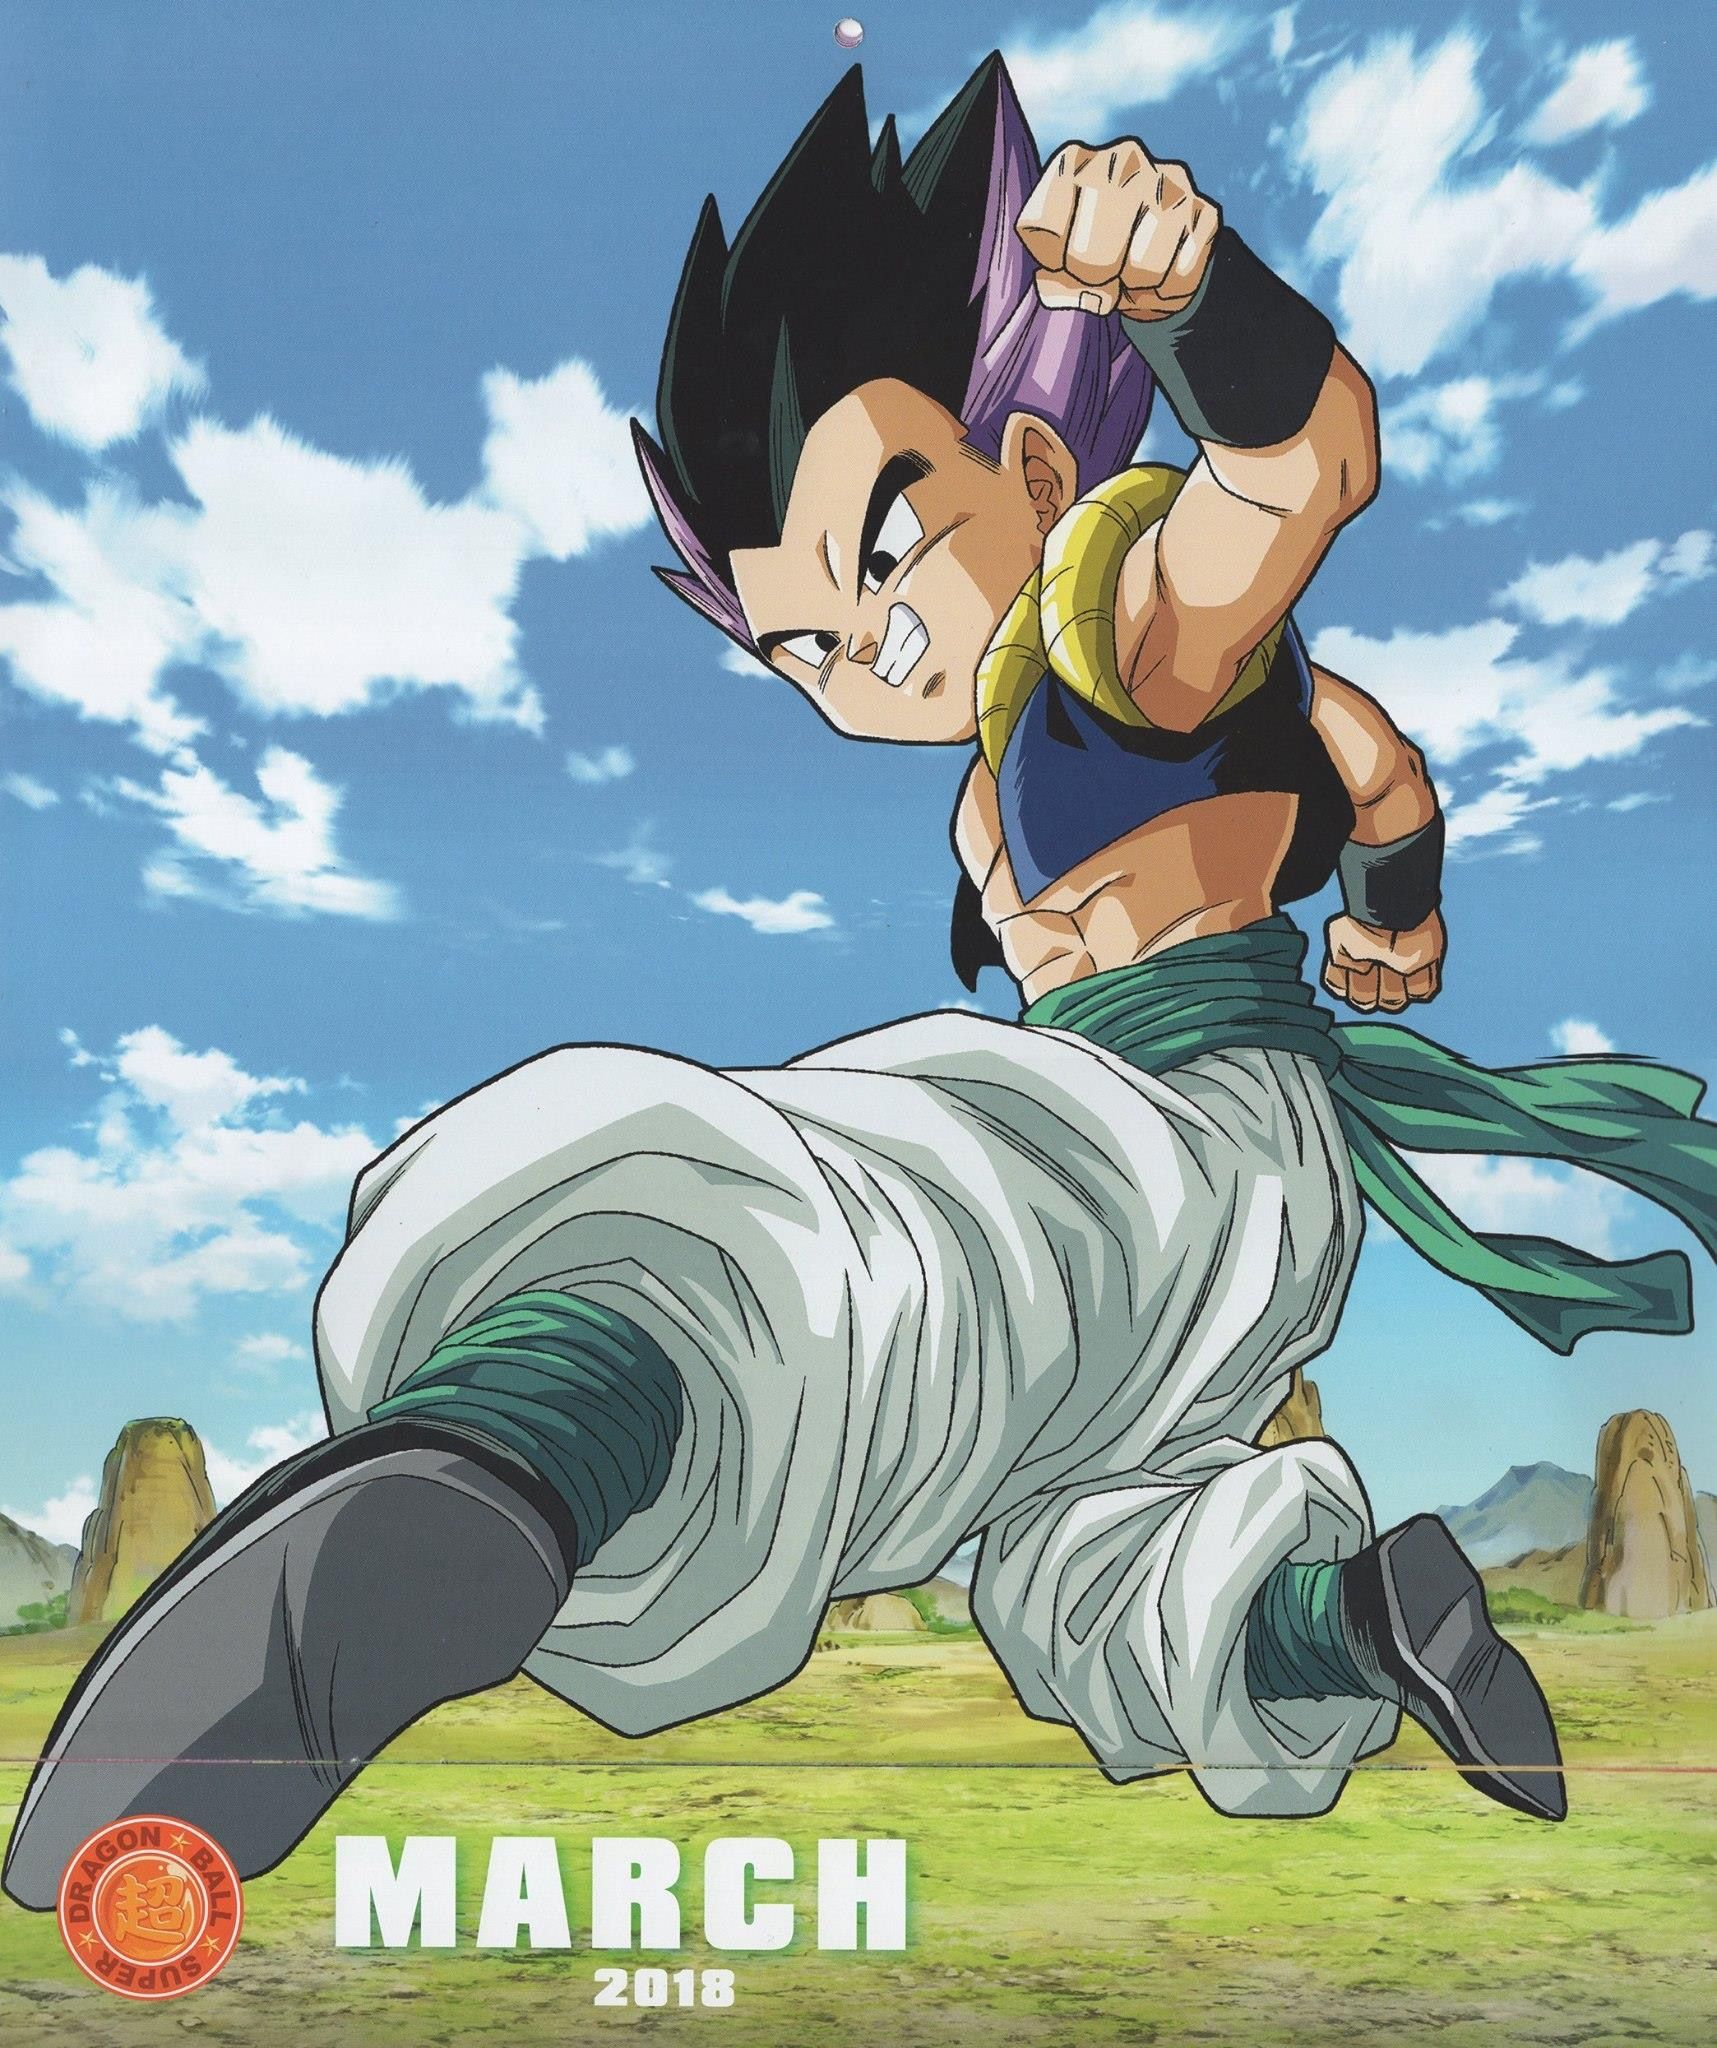 Univers Anime Manga: Épinglé Par Sydney Sur Anime